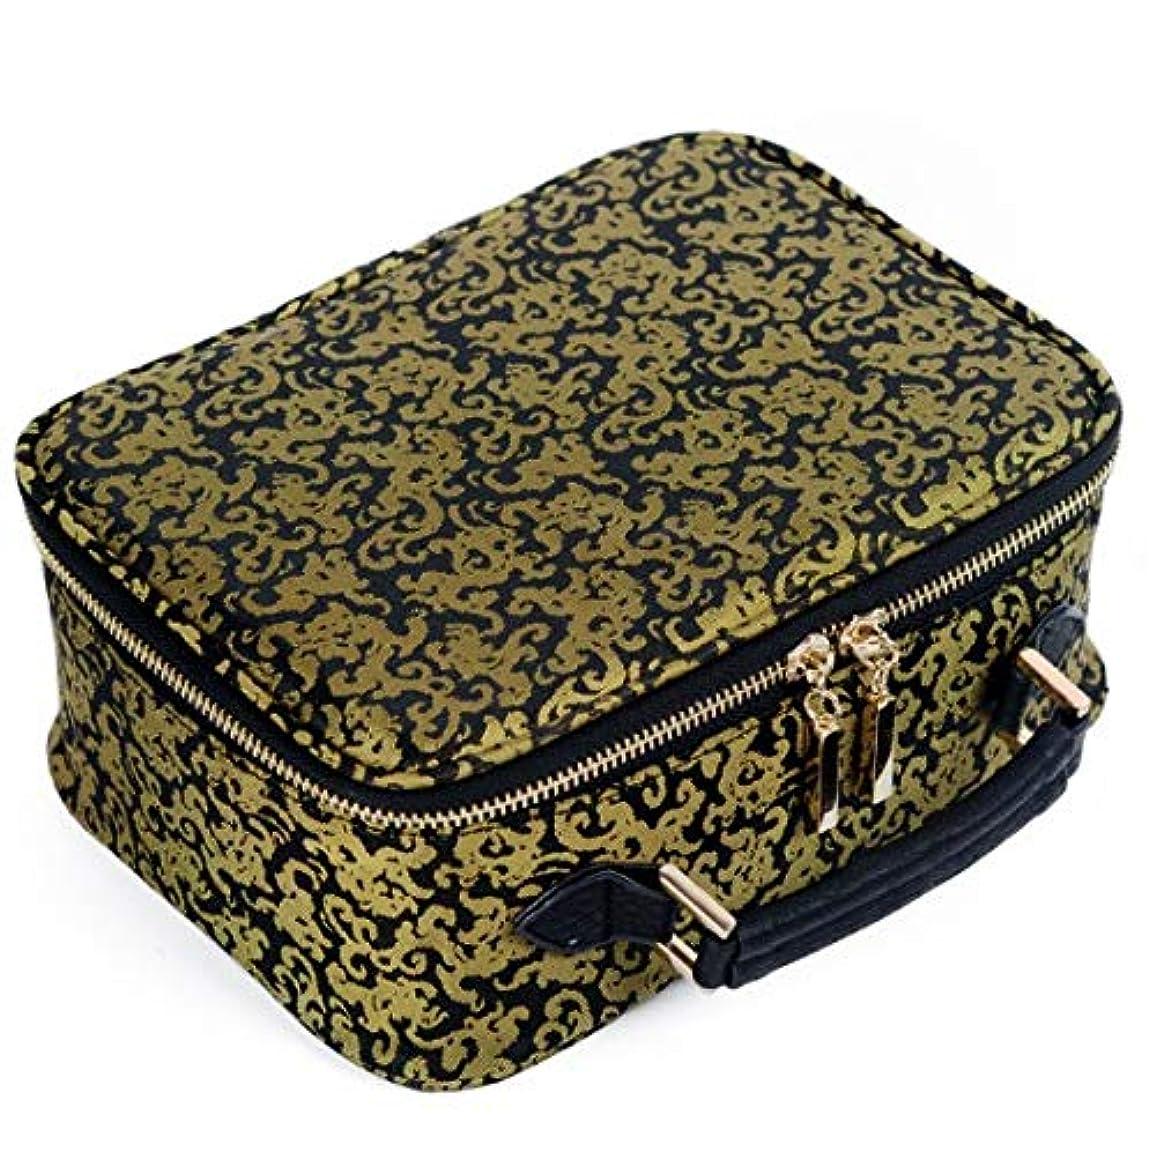 スキップアサート留め金LYgMV 美容バッグ、ポータブルトラベルバッグ、プリントポータブル二重層羽目板化粧品バッグ収納袋防水、男性と女性のウォッシュバッグ